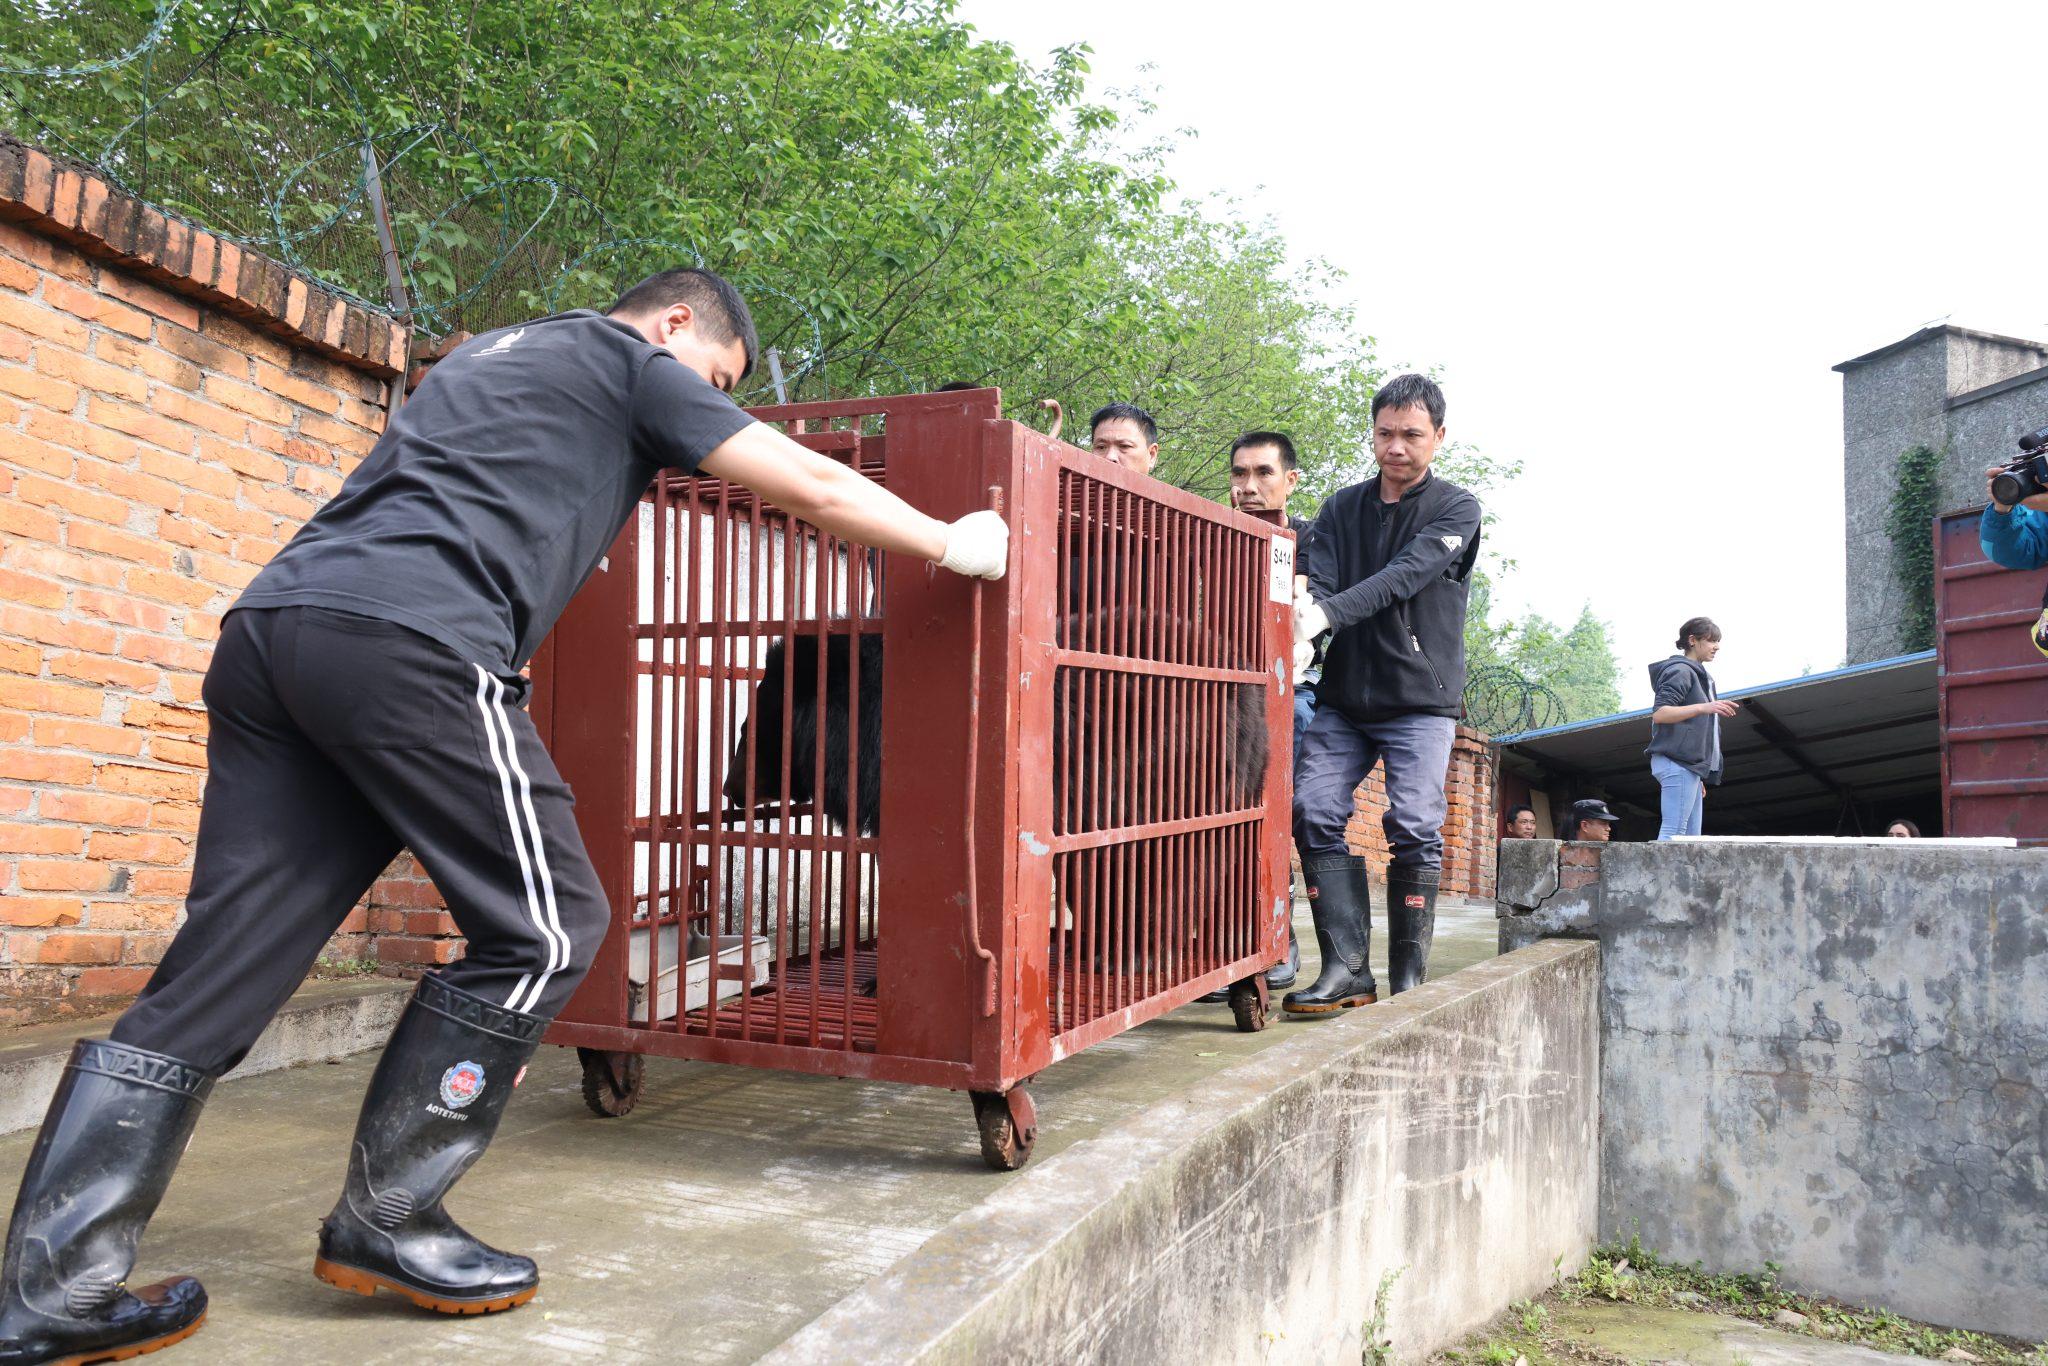 Image Courtesy of Animals Asia